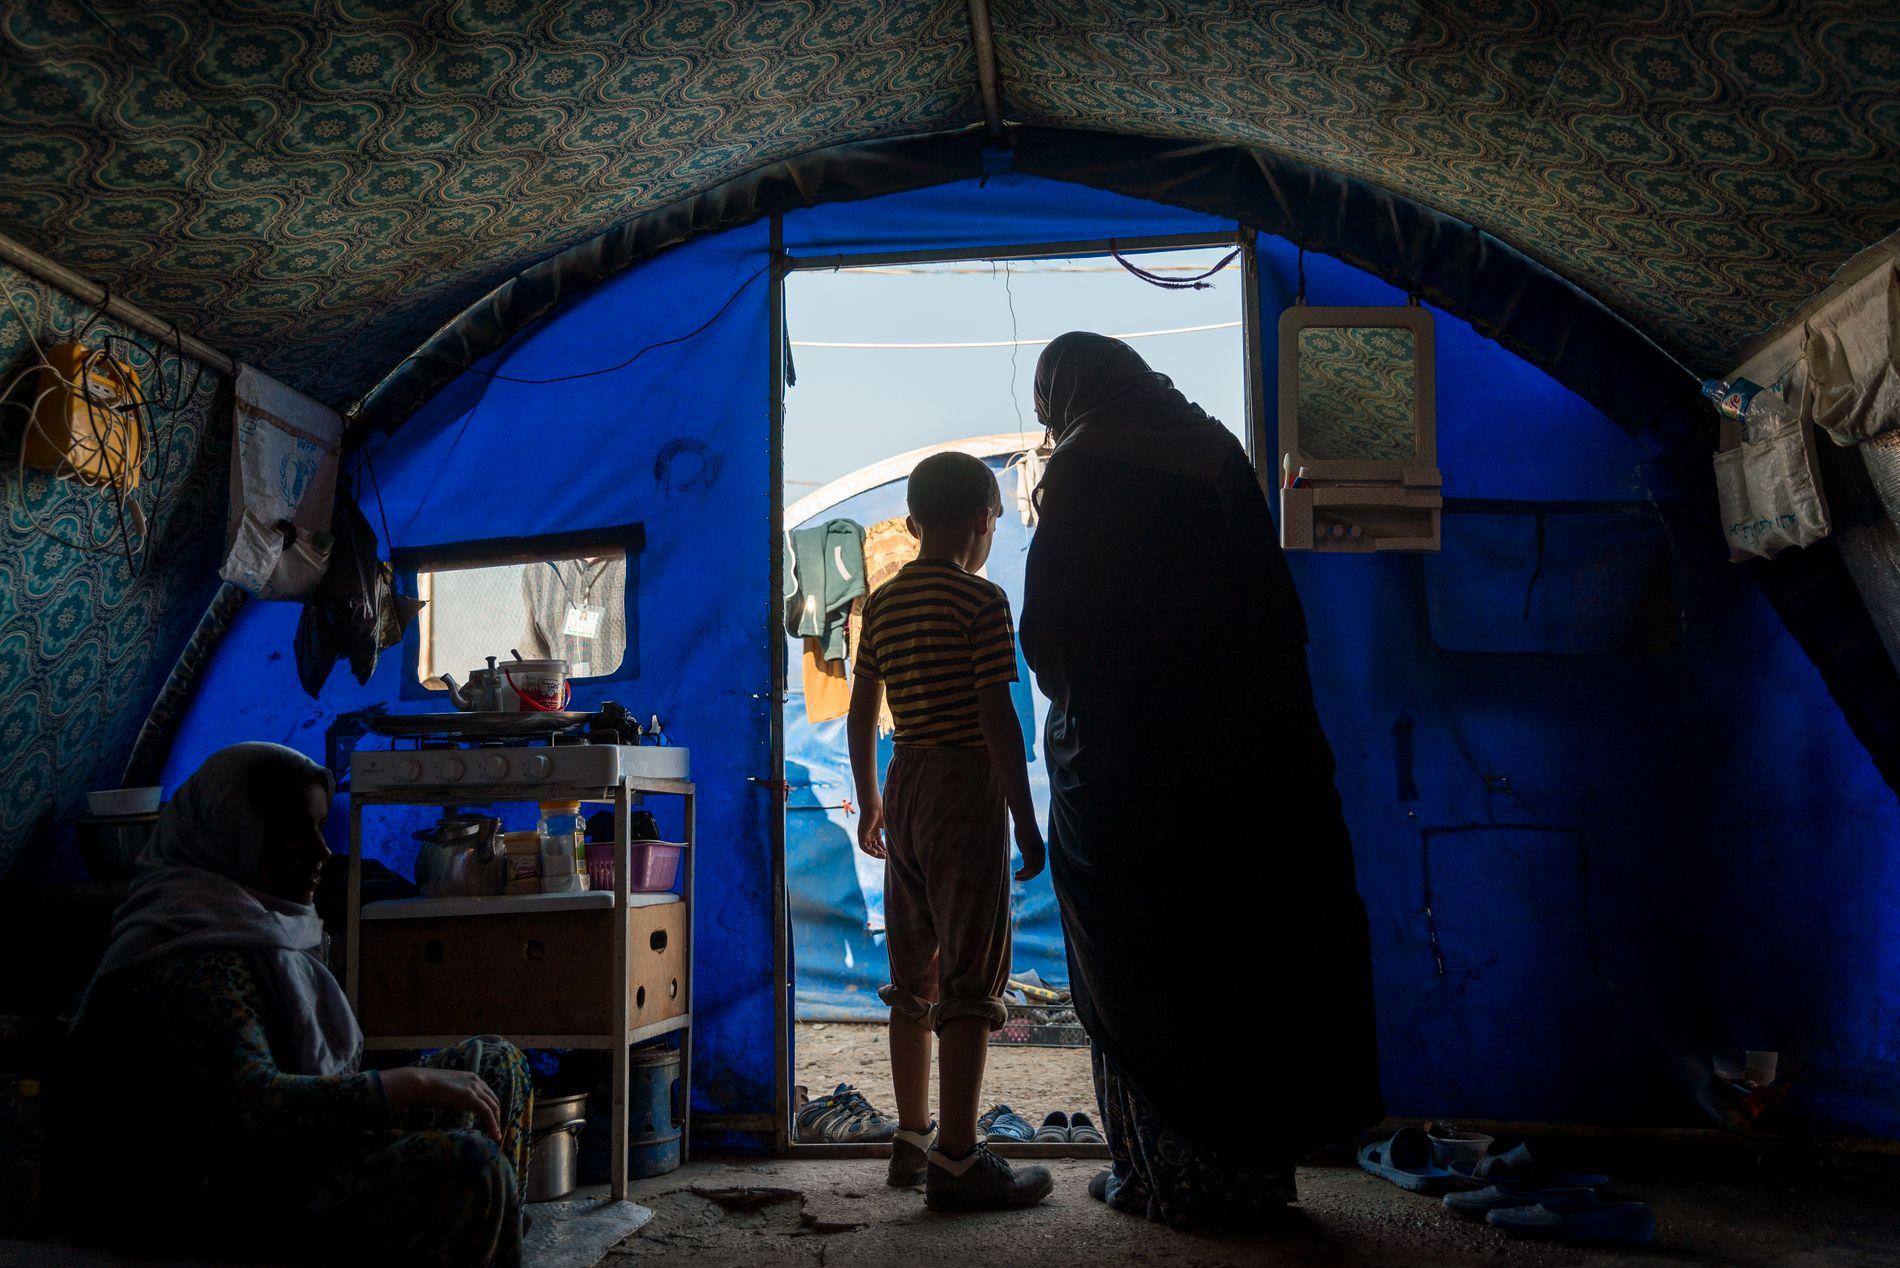 FORFULGT: Seksbarnsmoren Amina (30) er blant dem som oppholder seg i en leir ved Hamam al-Alil i Nord-Irak. Hun beskriver det som «helvete på jord», men takket være ektemannens IS-tilknytning er det vanskelig å komme seg ut.